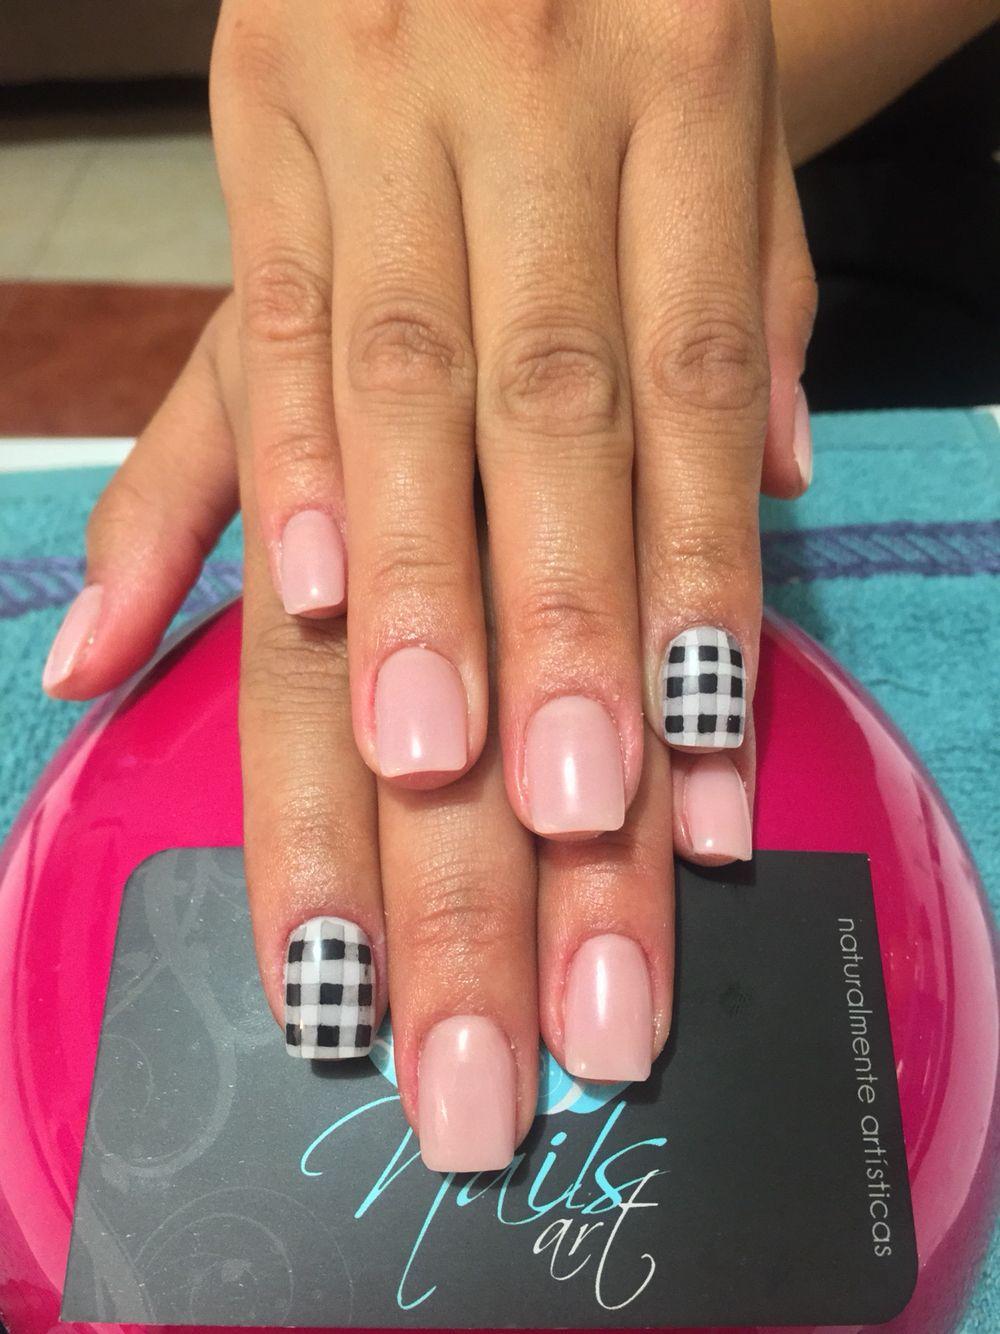 Acrylic nails nails art nails nude nails files u styles